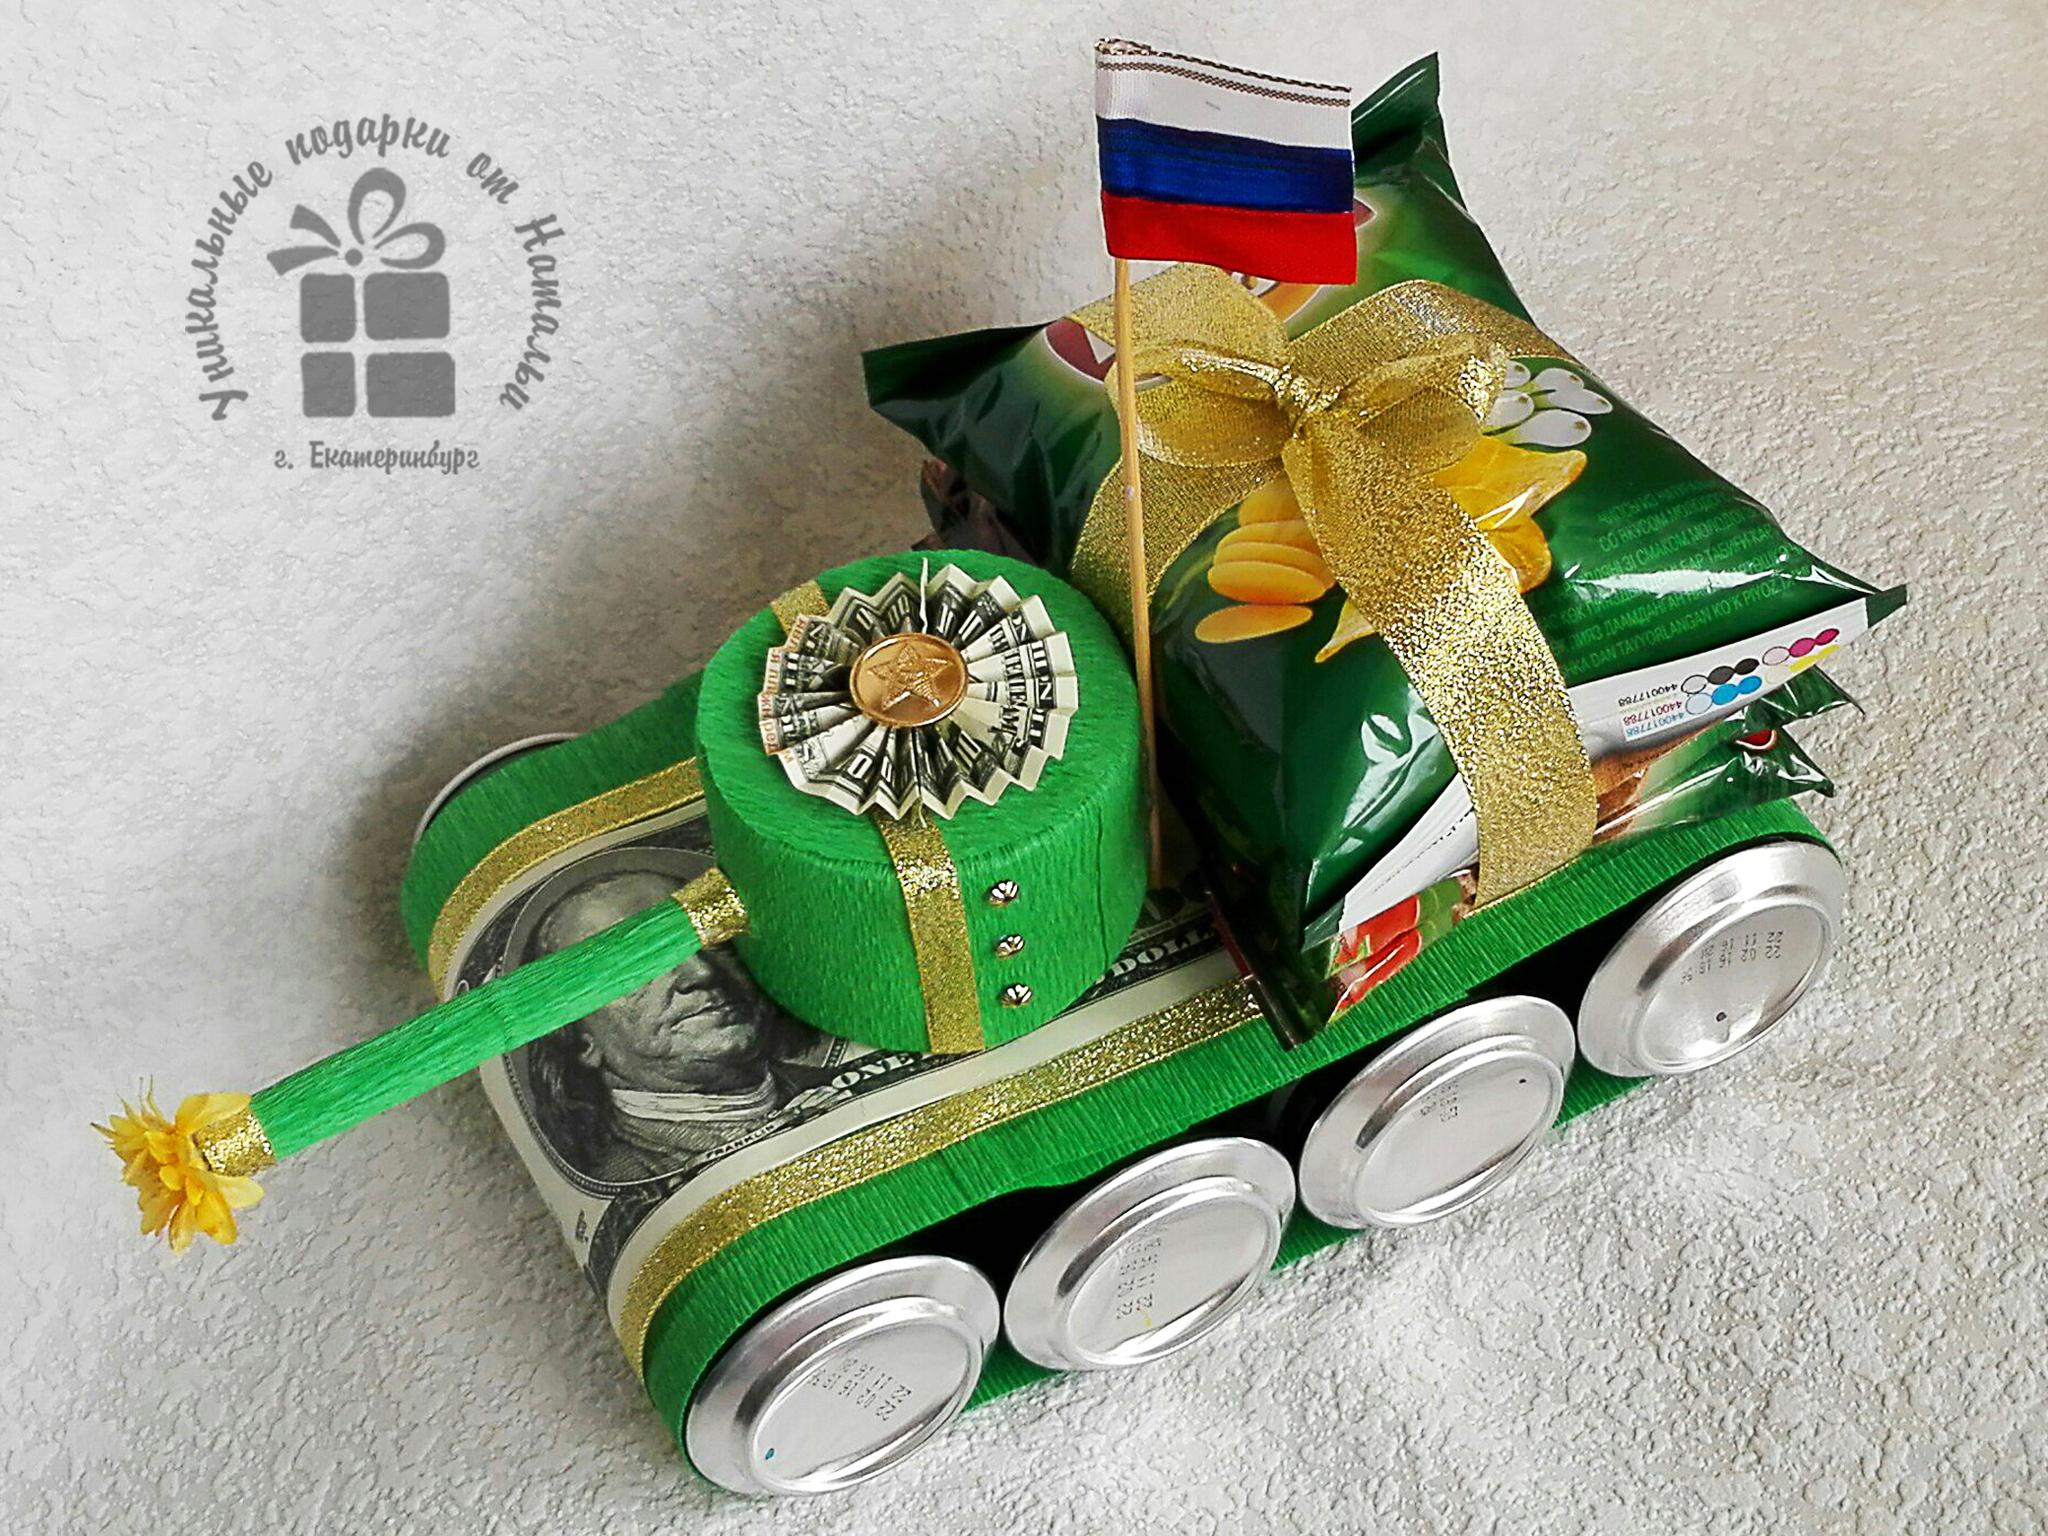 ❶Что подарить на 23 февраля мужу|С 23 февраля открытка|31 Best оформление бутылок images | Bottle art, Decorated bottles, Gifts||}